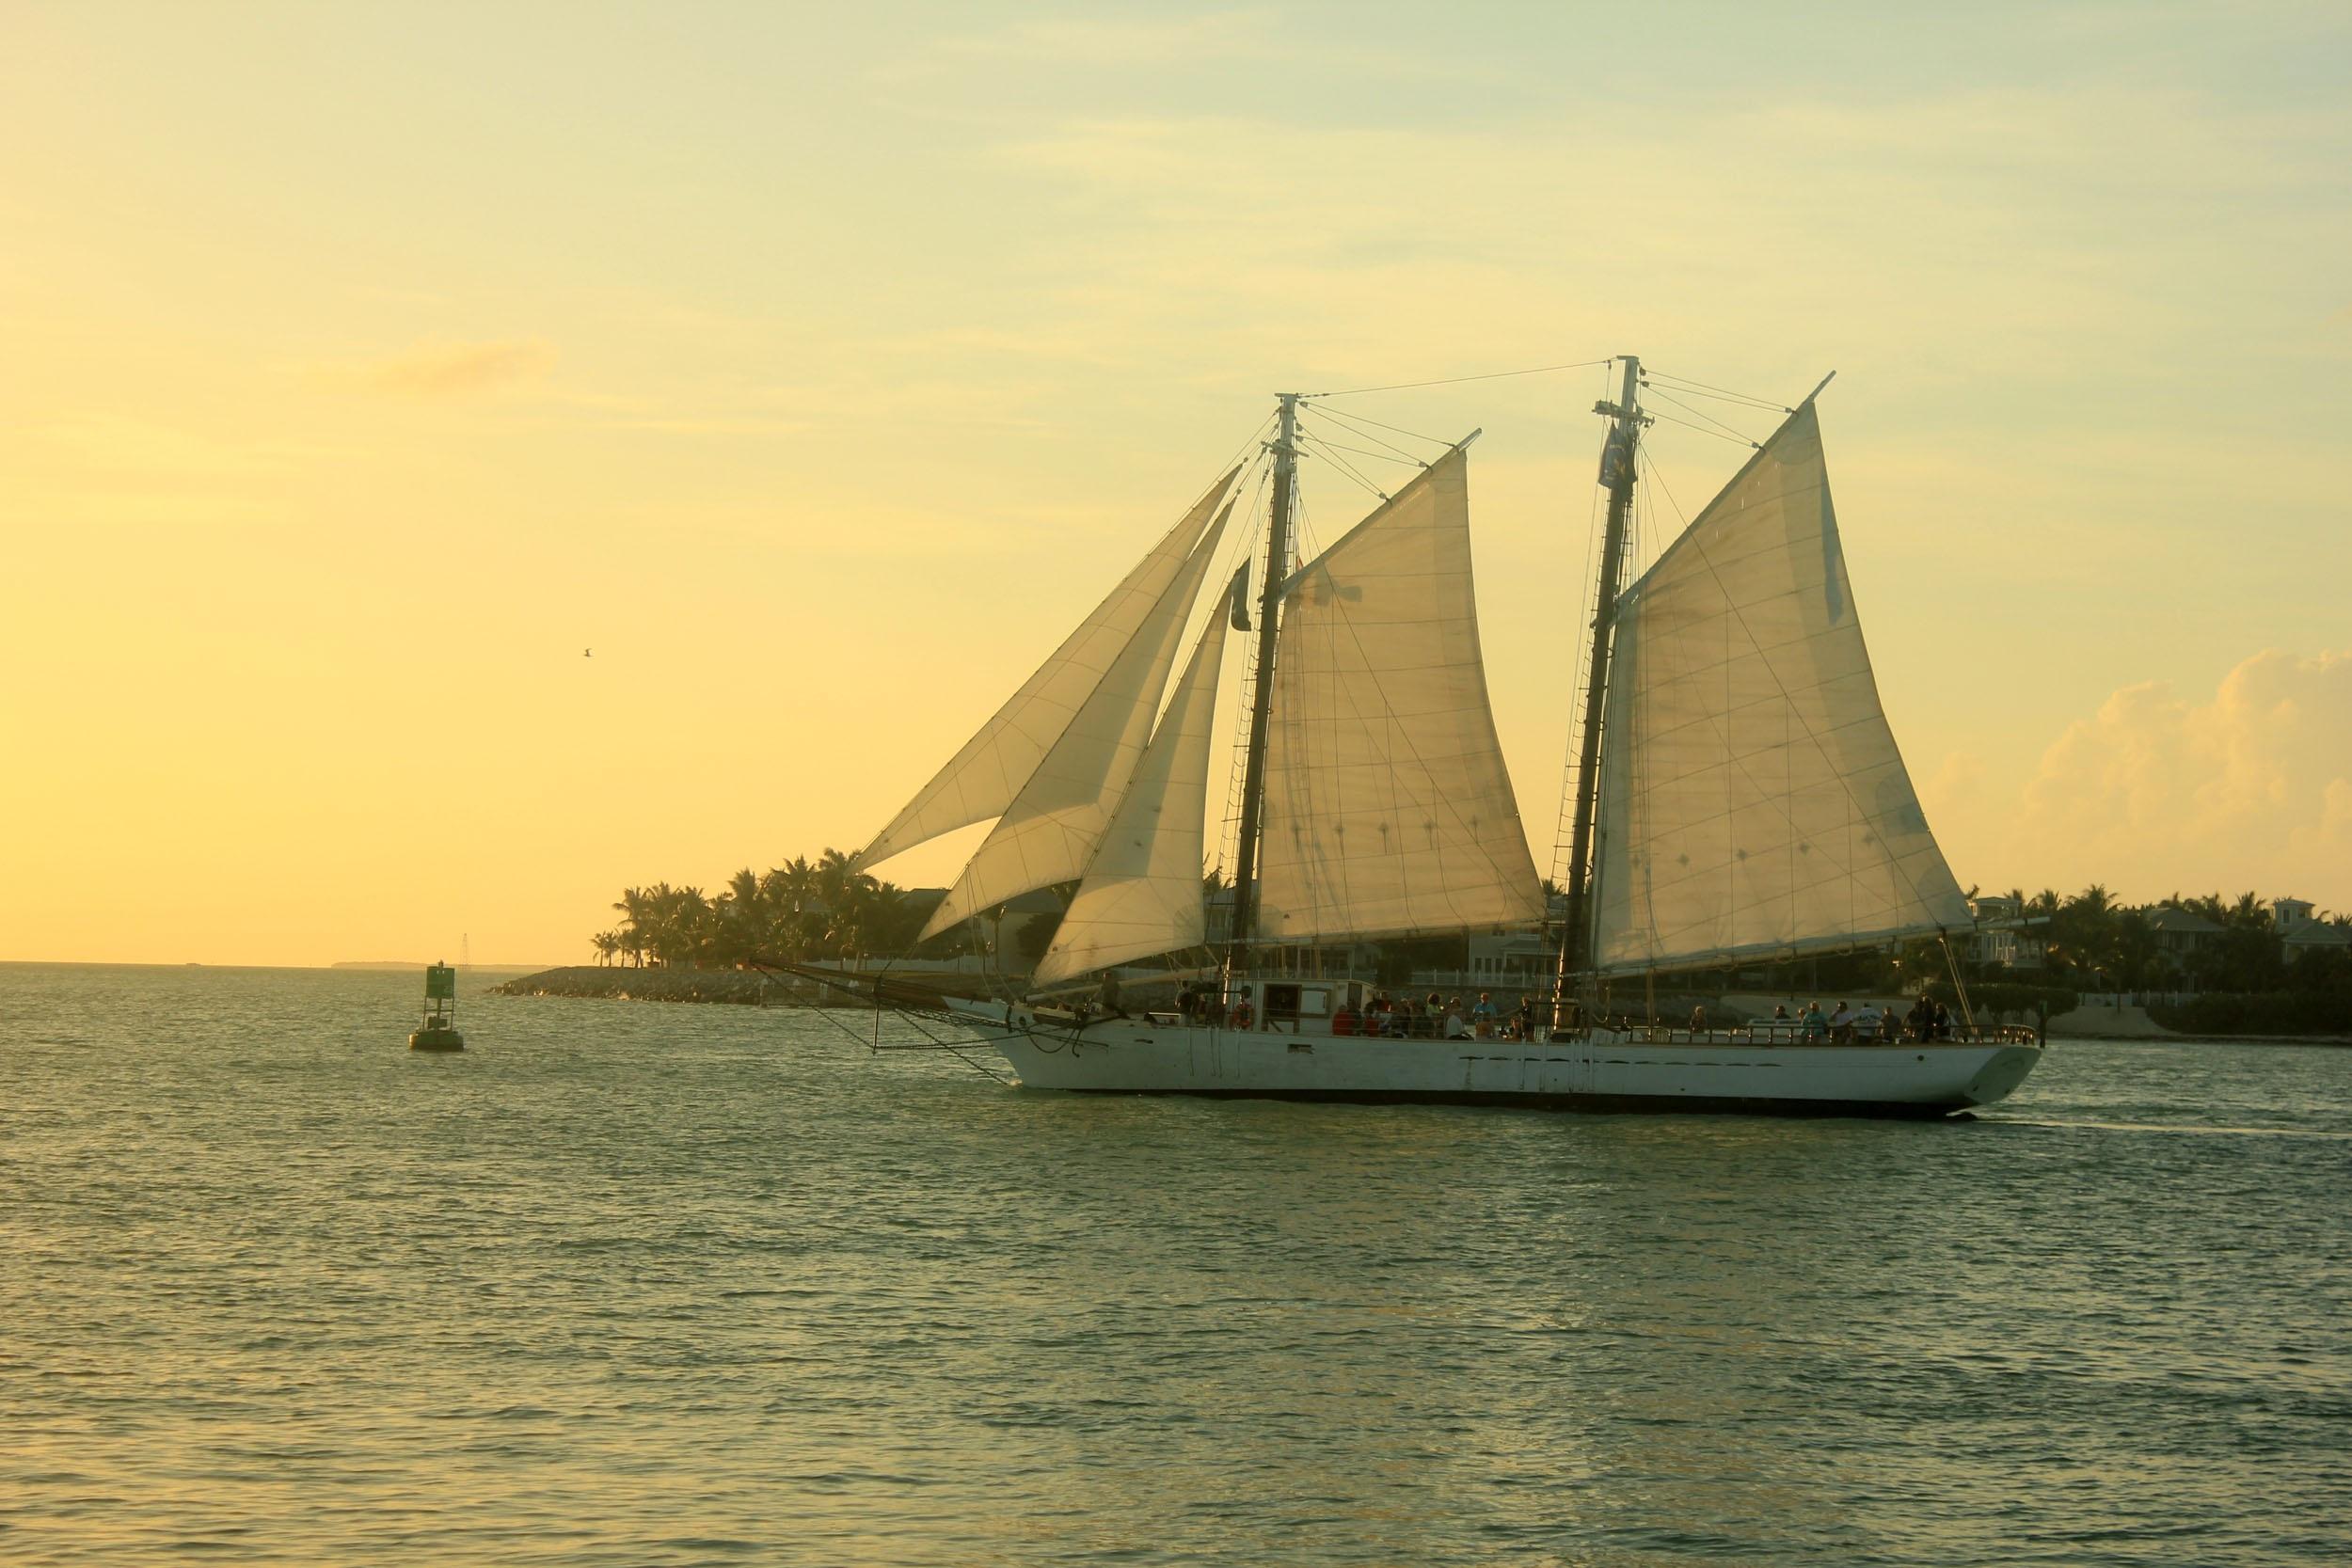 Sail Boats, Activity, Boat, Nature, River, HQ Photo